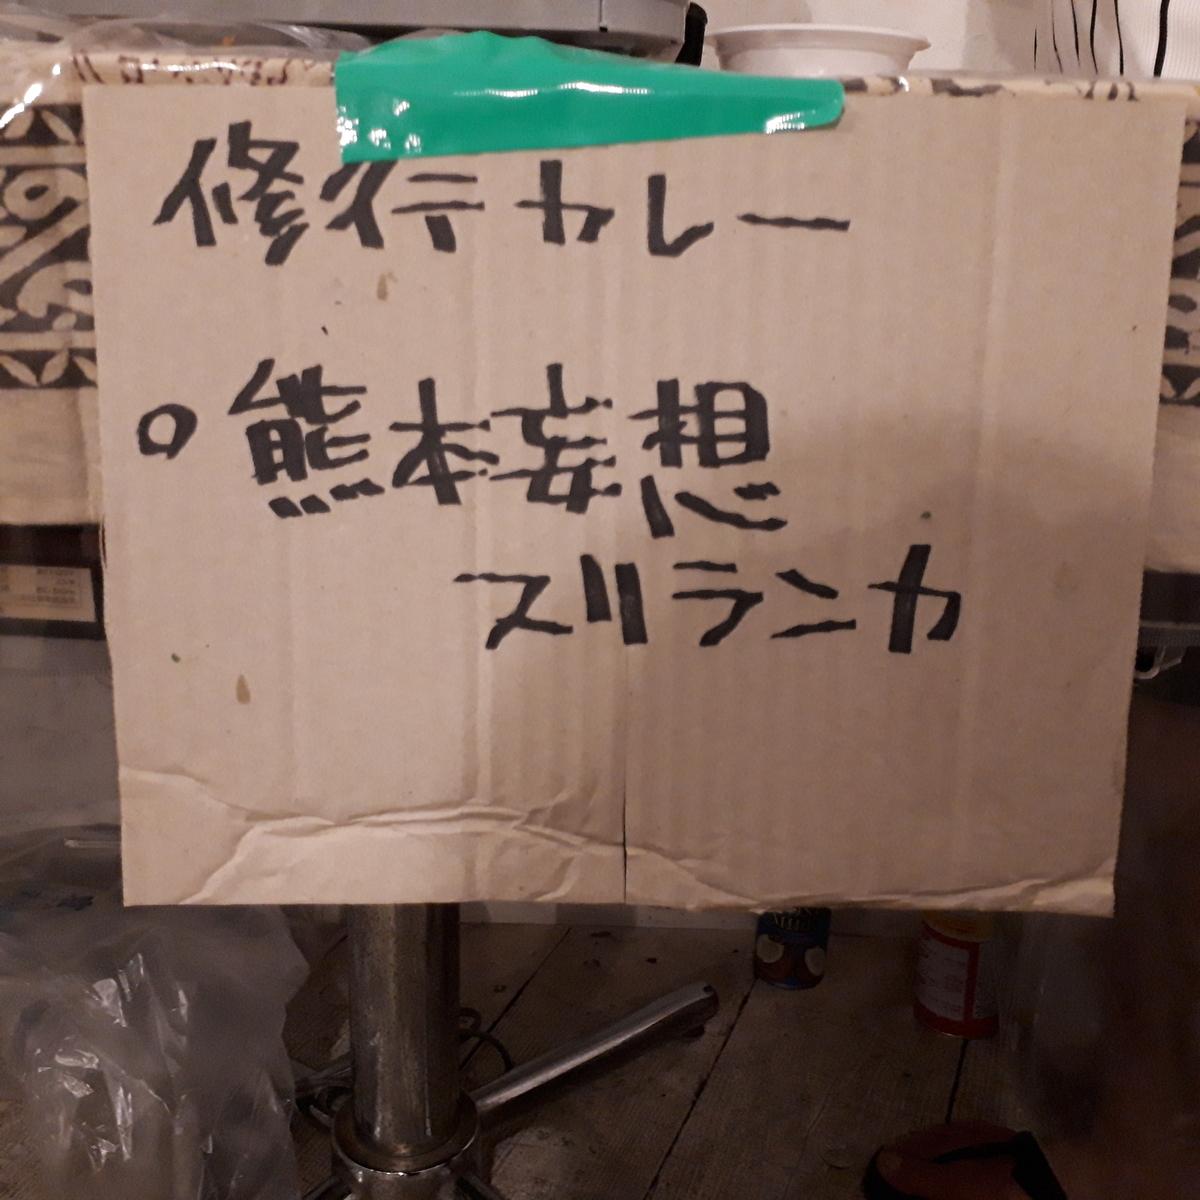 カレー事情聴取Vol.26 2019年7月14日 修行咖喱 熊本妄想スリランカ